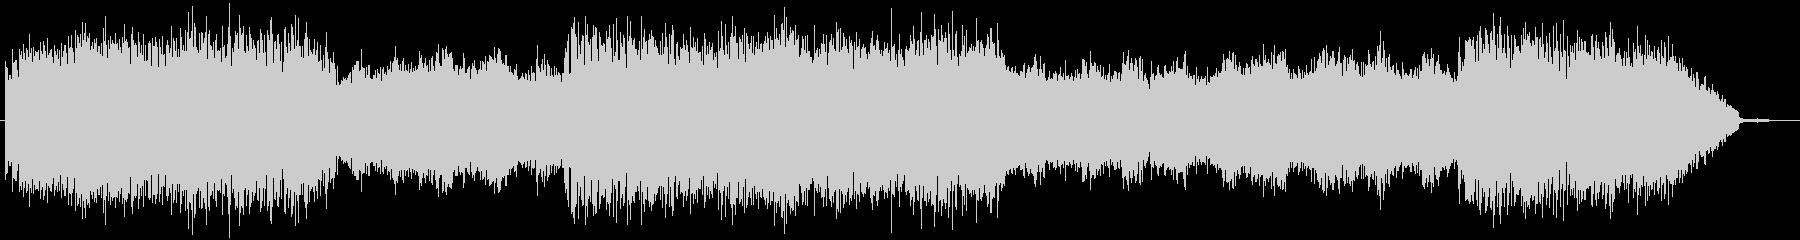 エコーの効いた幻想的なミュージックの未再生の波形